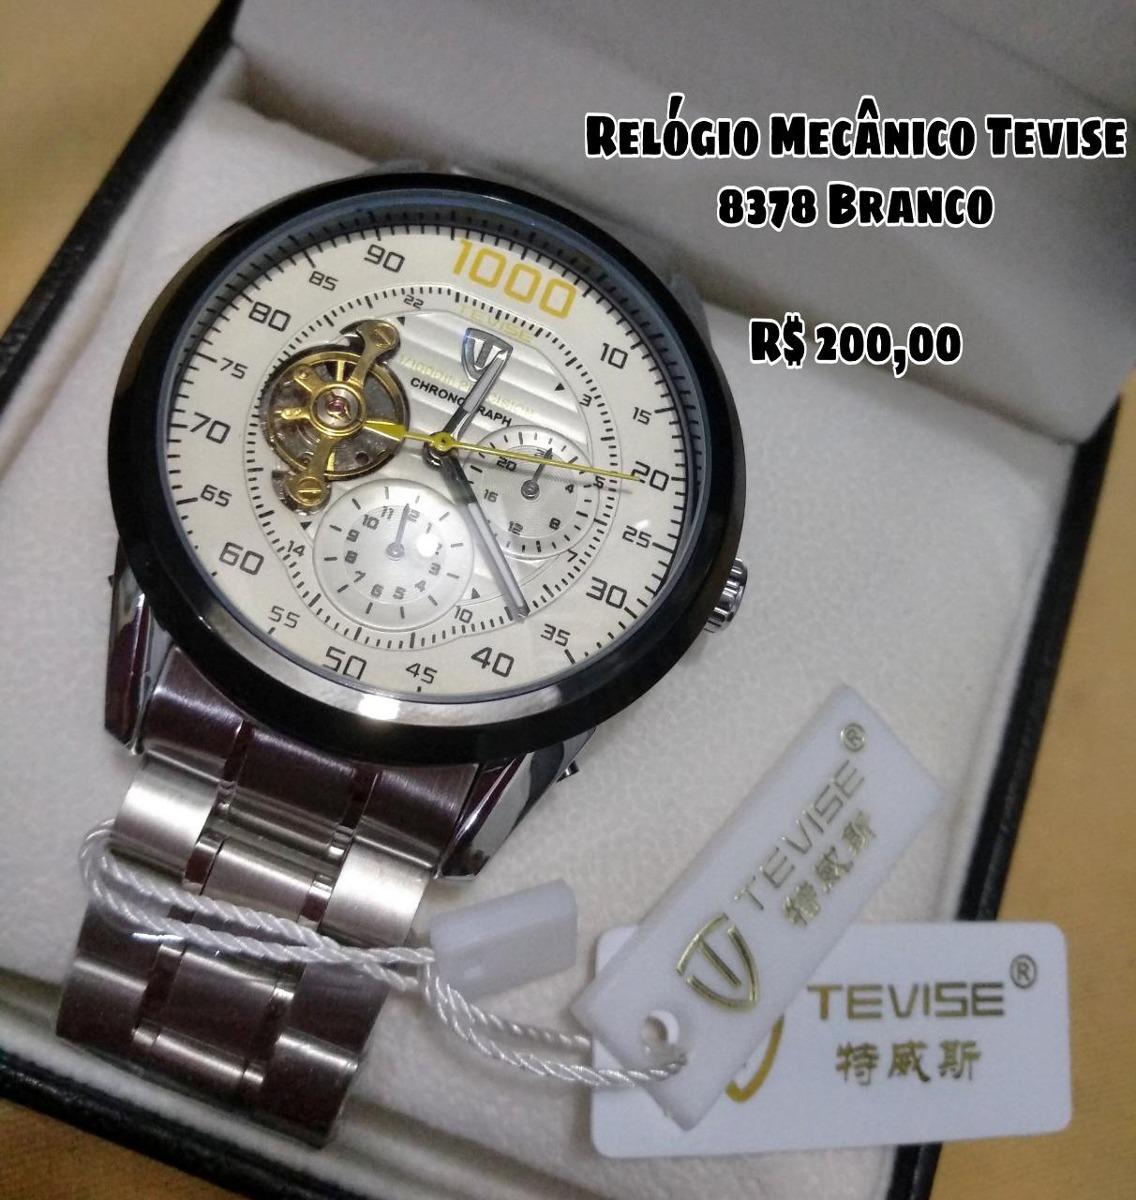 e7f643a92cf relógio masculino automático tevise todo funcional. Carregando zoom.